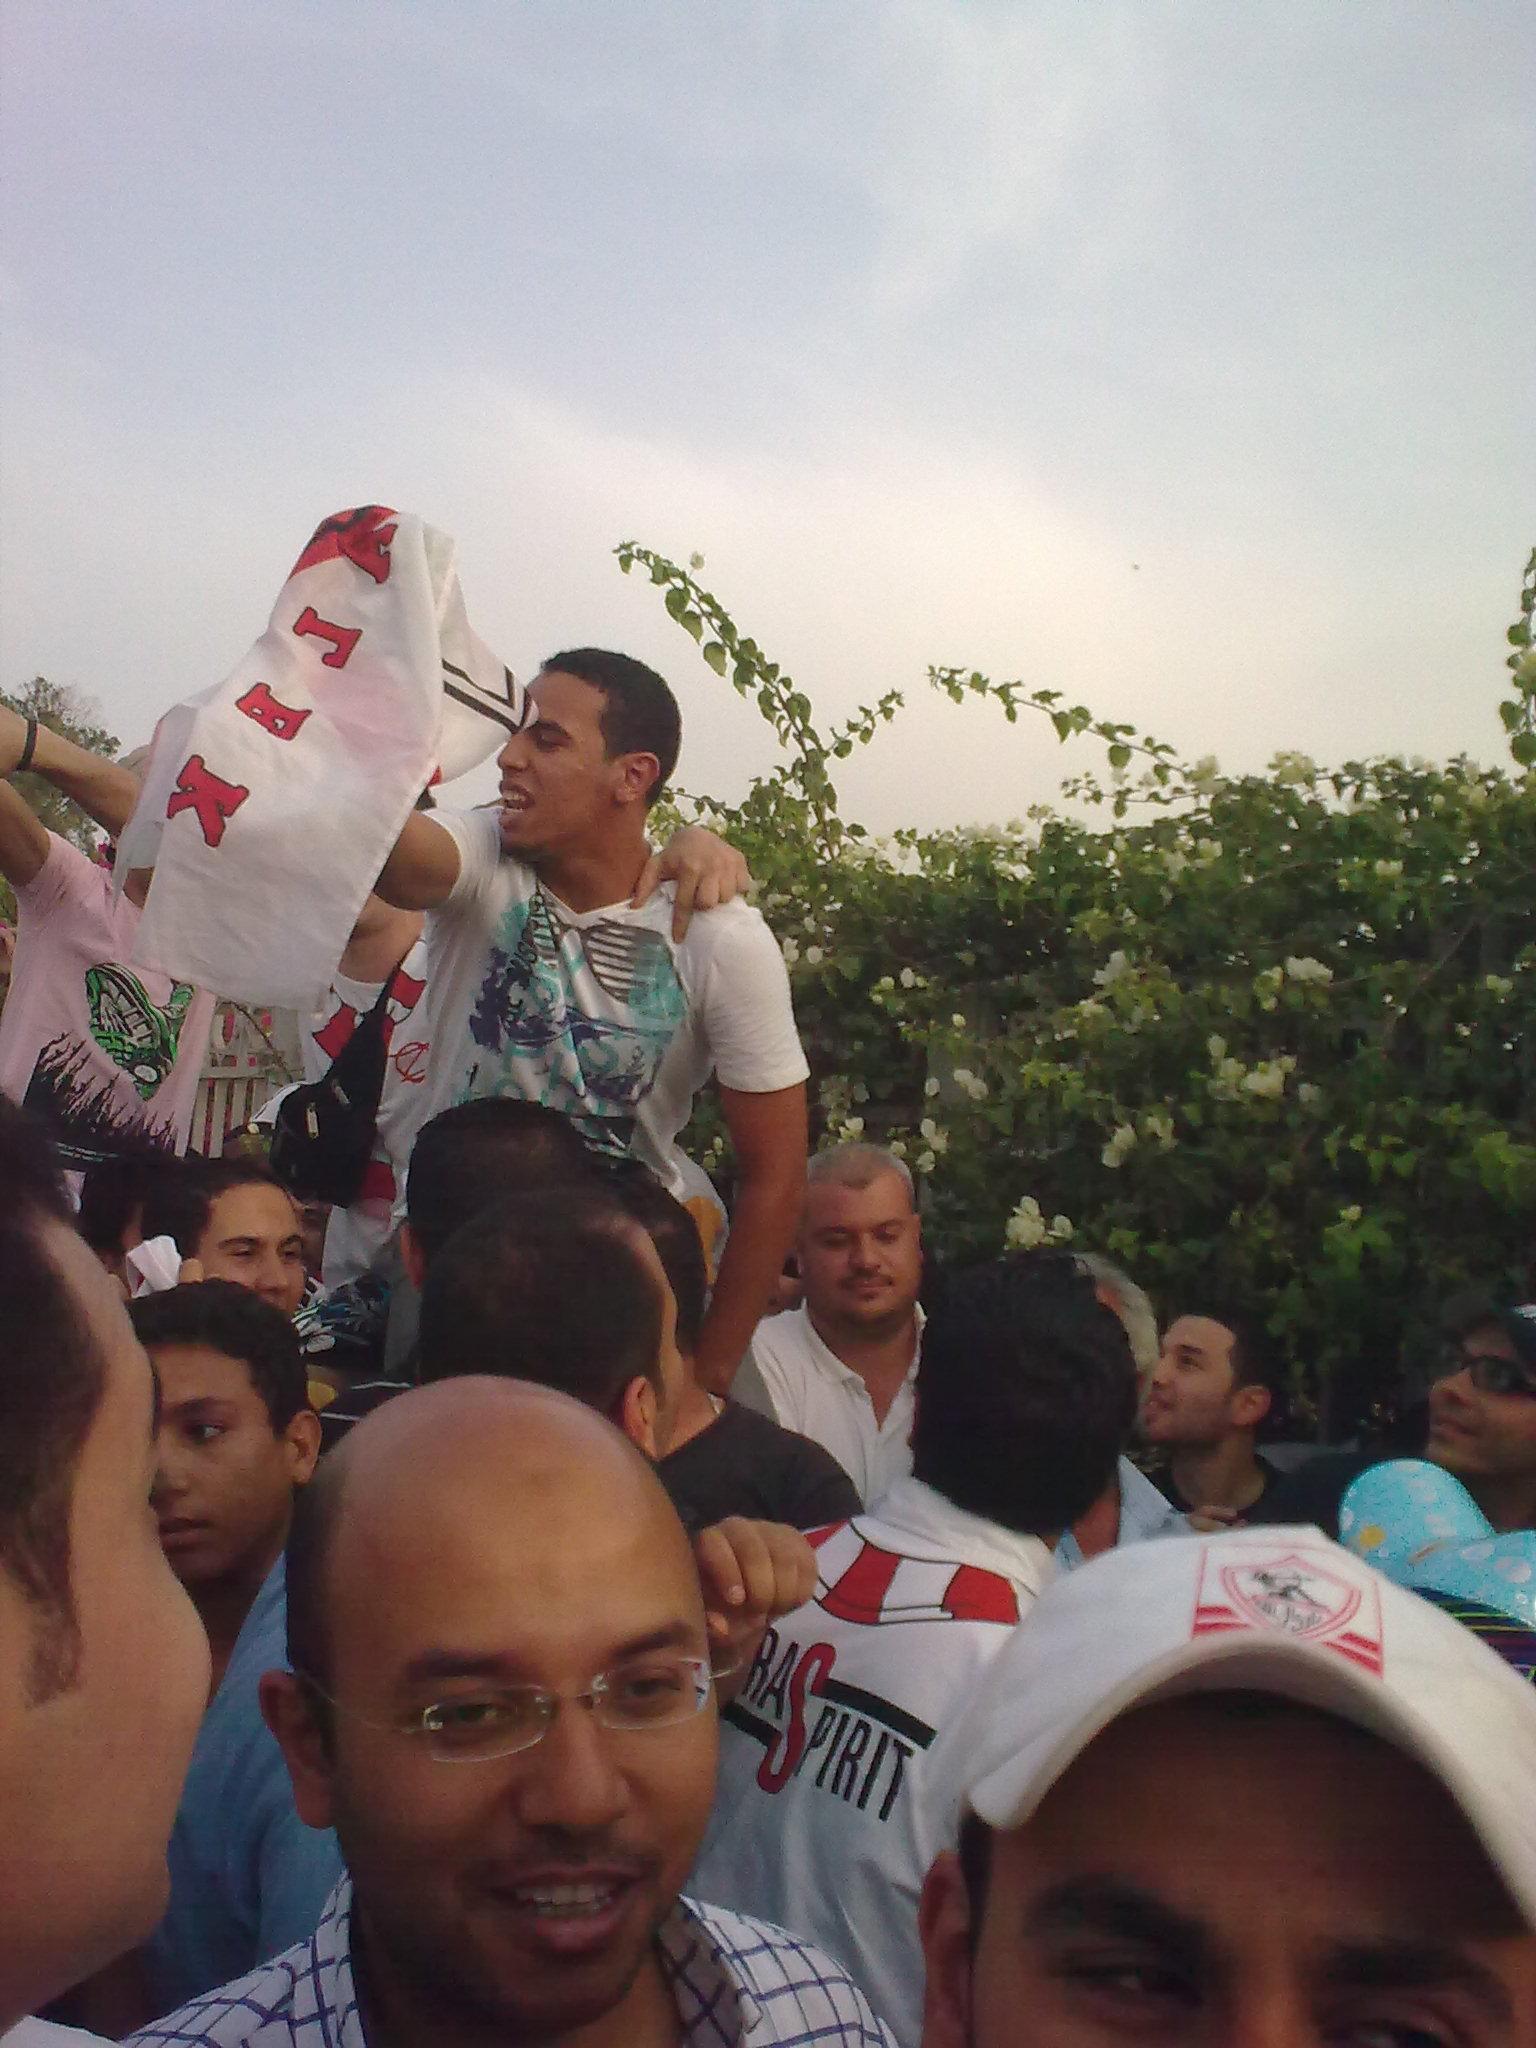 صوري وانا في الاستاد (الاهلي والزمالك26/5)